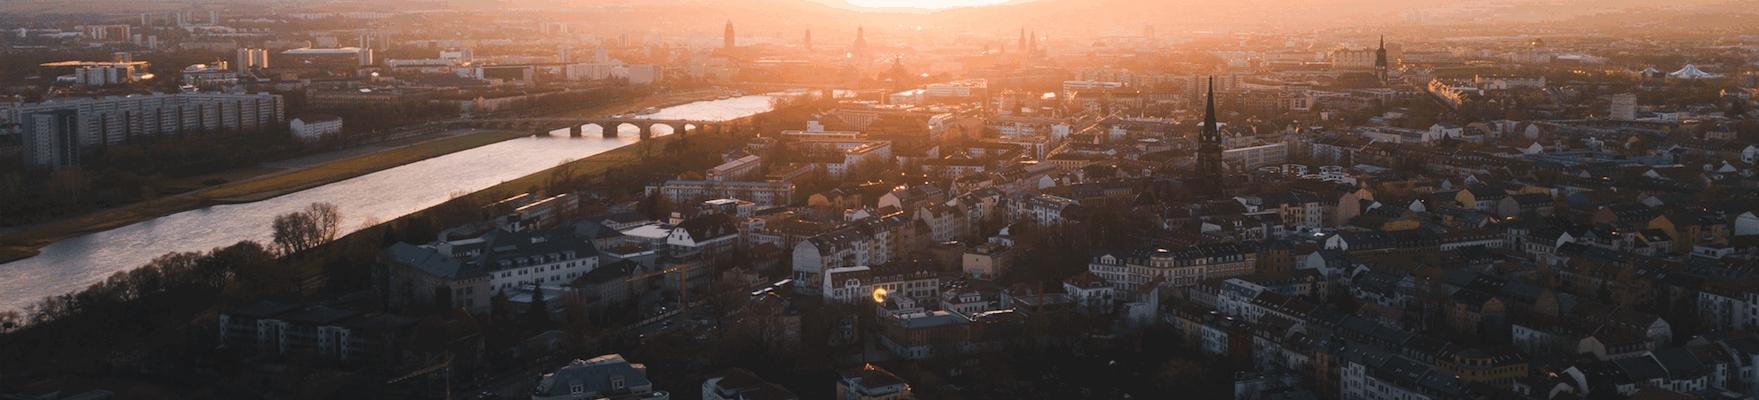 Lustige Stadtrundfahrt in sächischer Mundart Dresden 27.10.